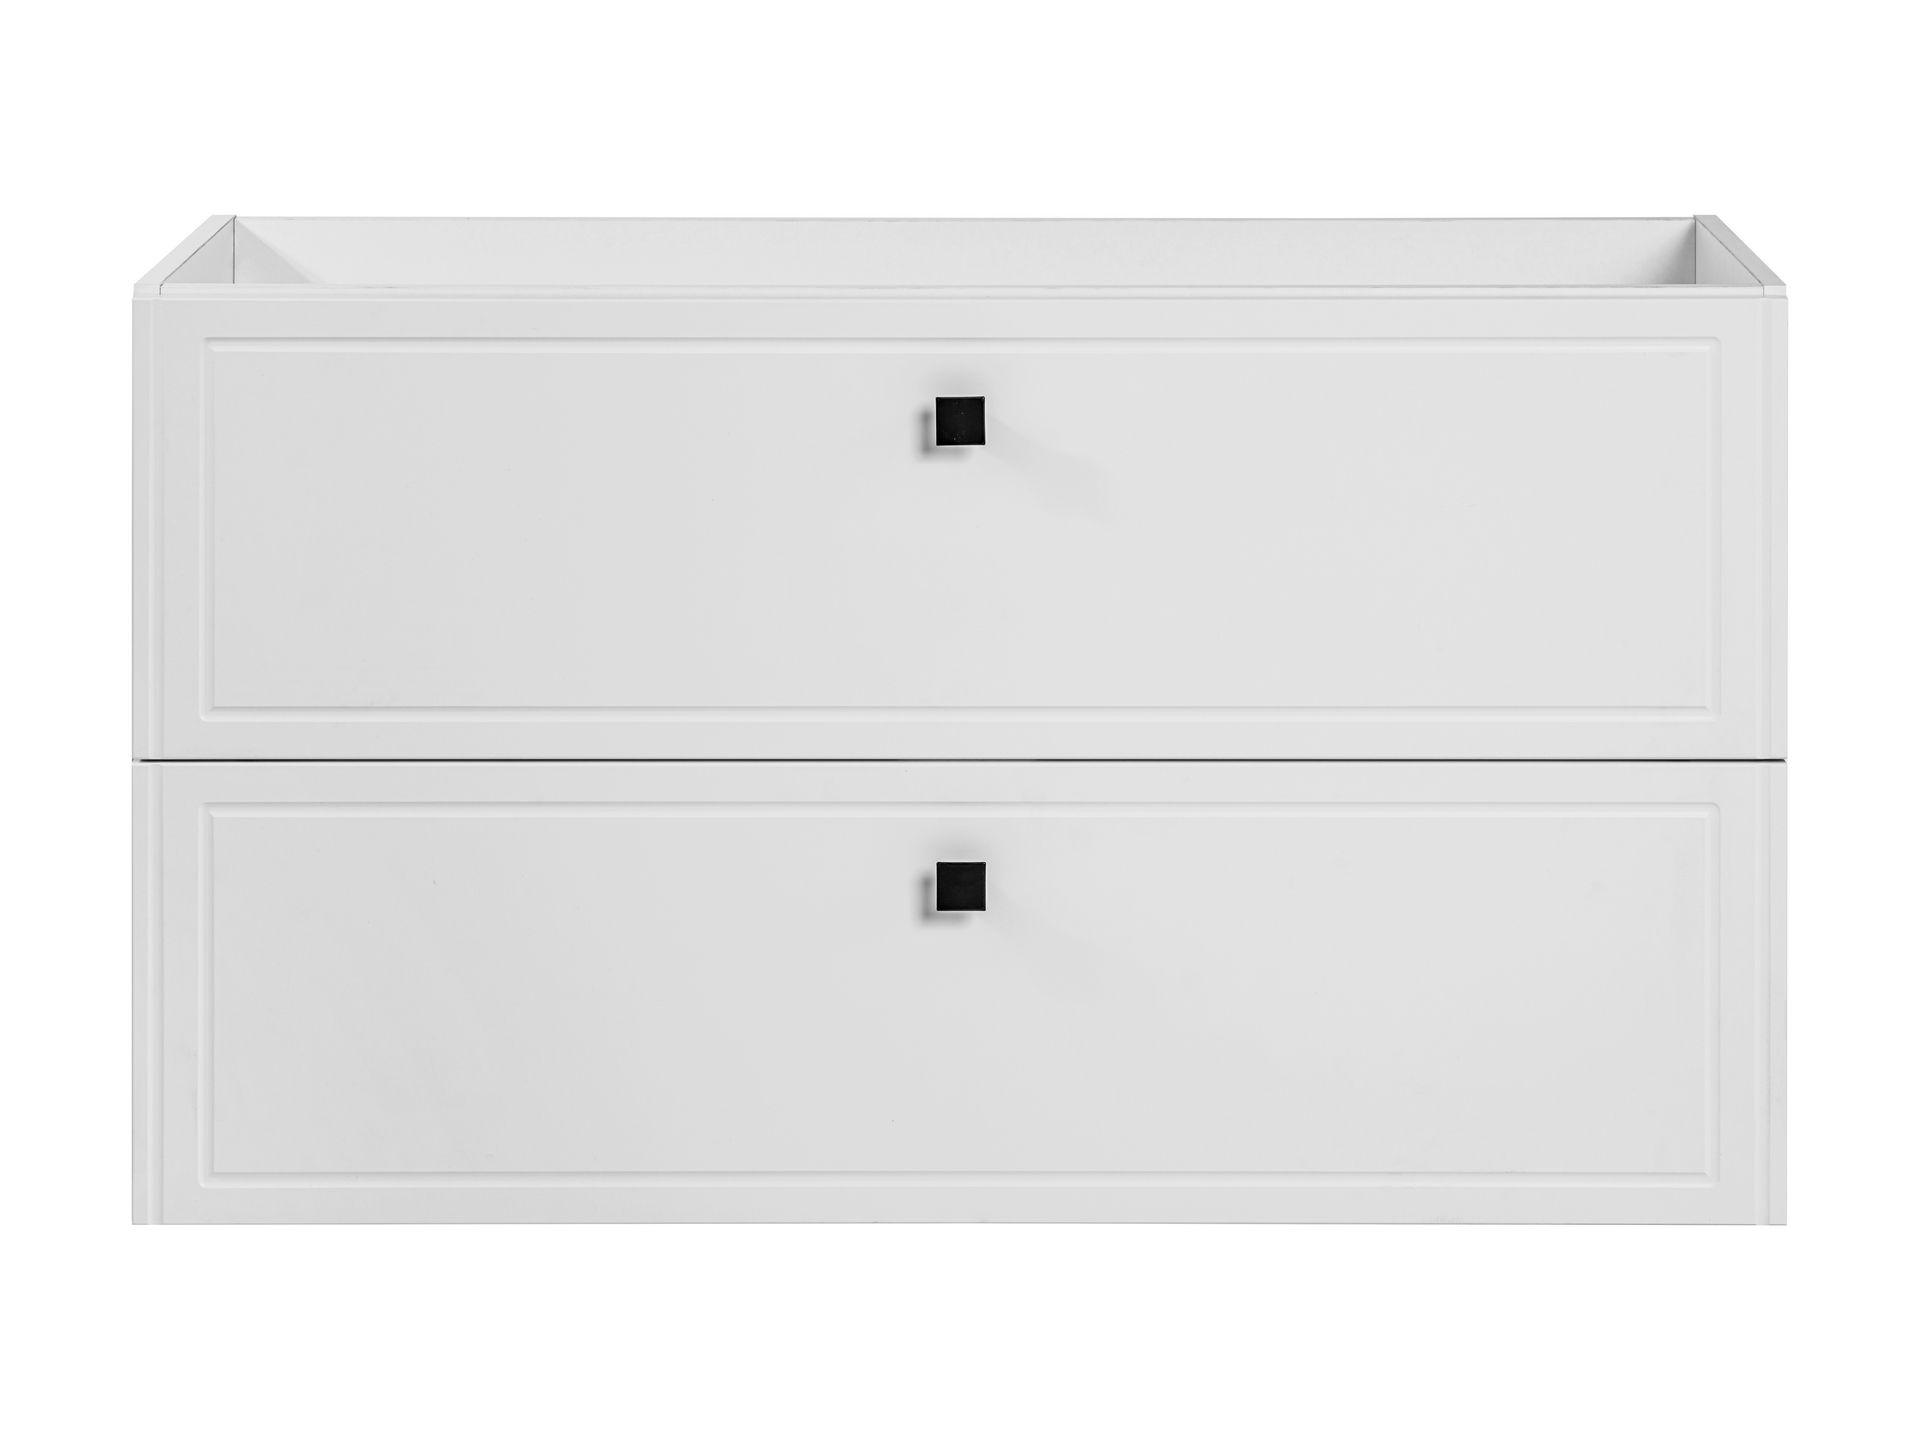 ArtCom Kúpeľňová zostava HAVANA White Havana: Skrinka pod umývadlo Havana 82-100 - 57 x 100 x 45,5 cm